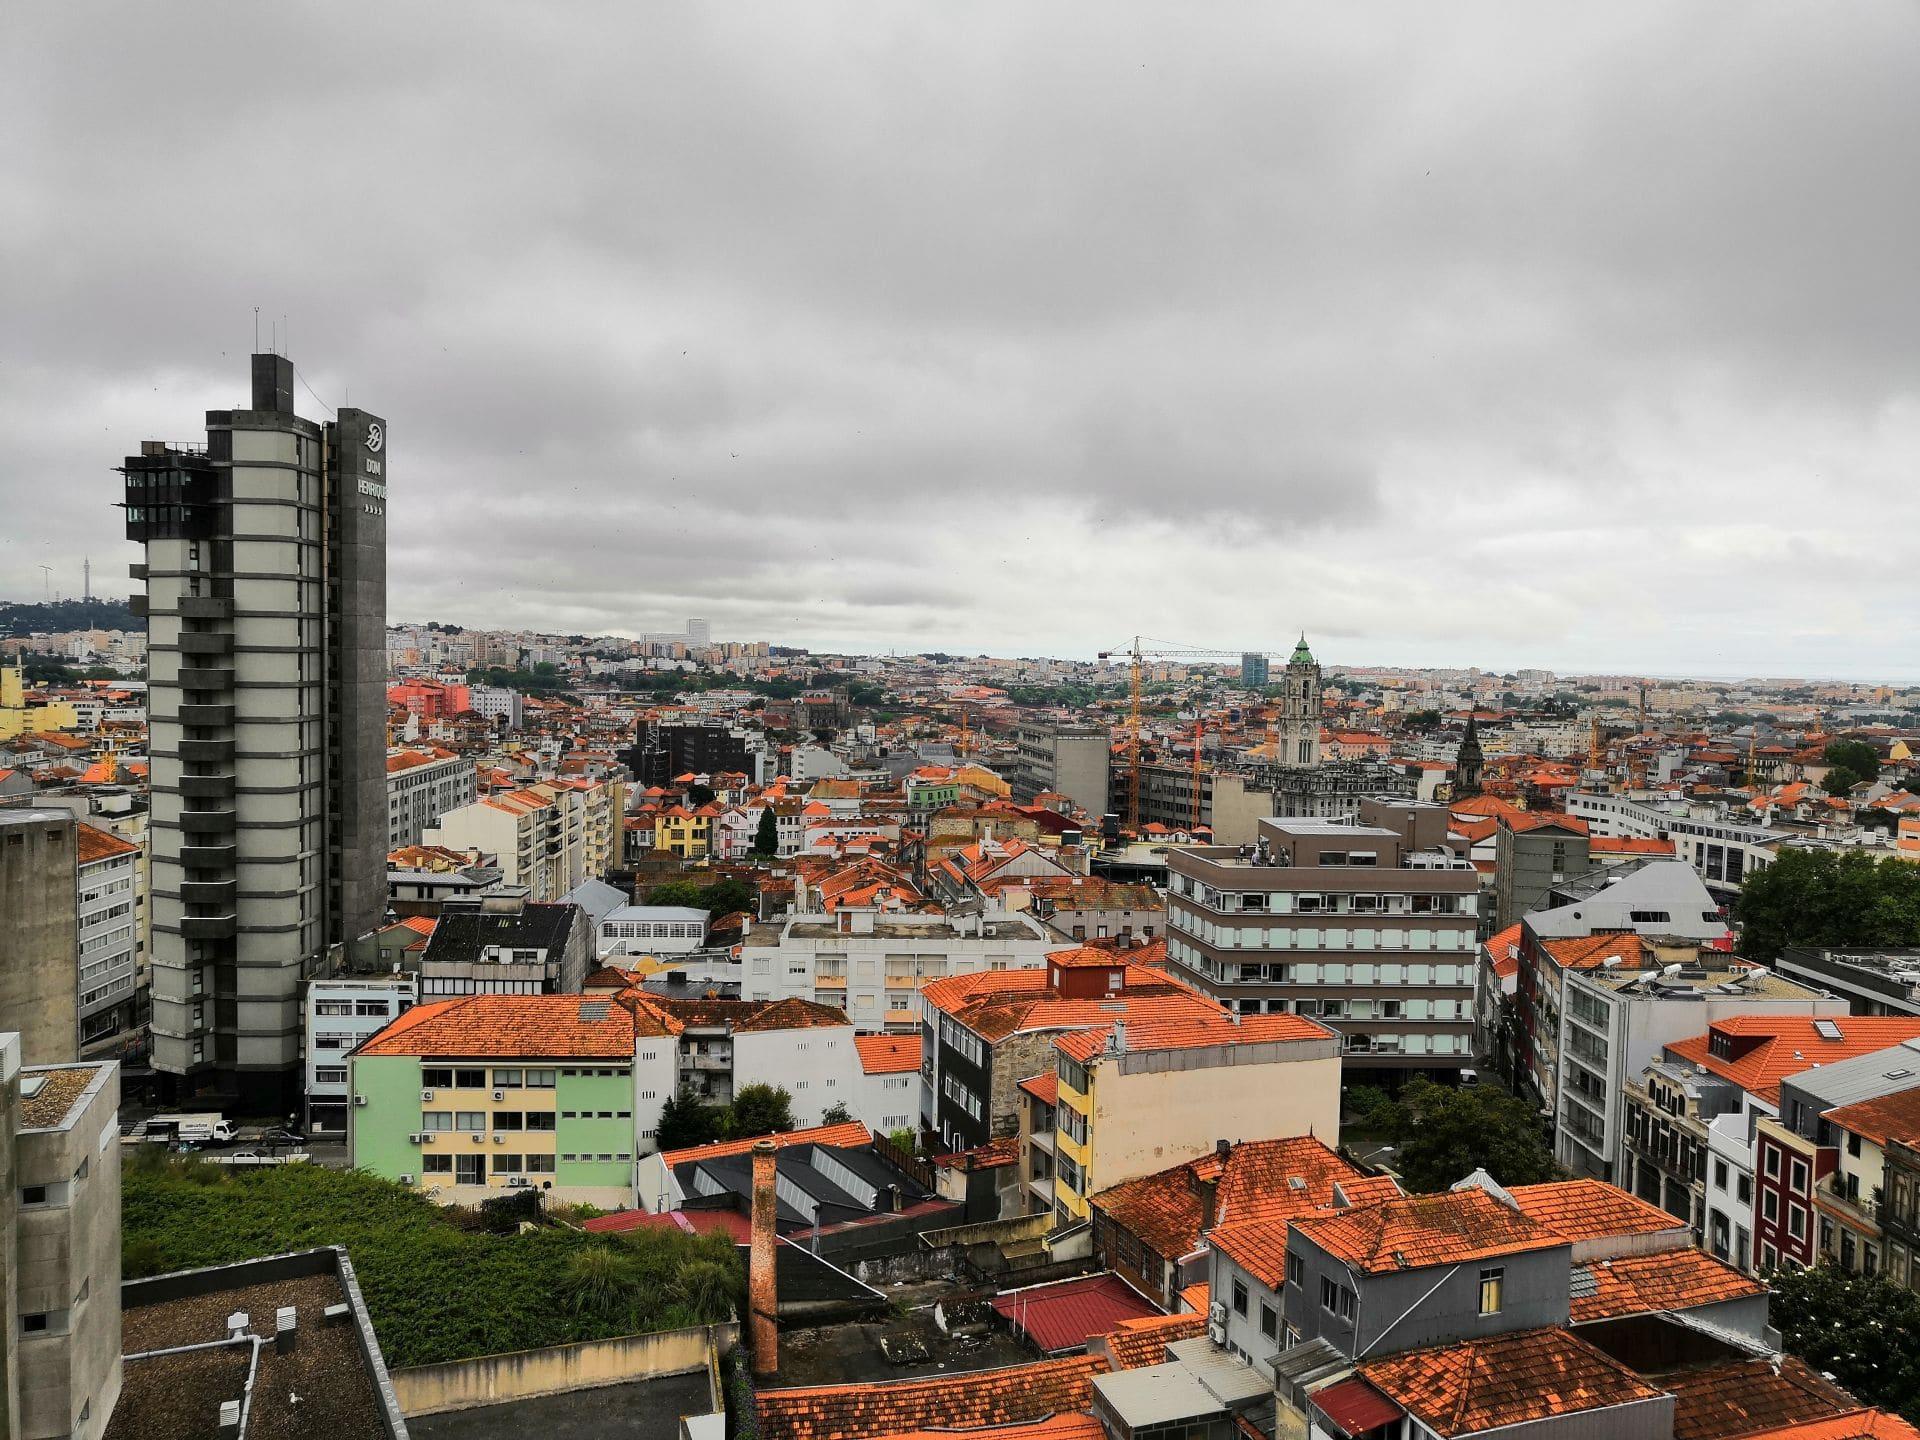 Středeční dopoledne se na nás Porto netvářilo moc přívětivě, ale jak už víme, tady ráno neznamená odpoledne a večer. Během dne se počasí většinou změní ve sluníčko. Z našeho bytu na Rua de Gonçalo Cristóvão v 10. patře byl výhled vskutku nadpozemský.